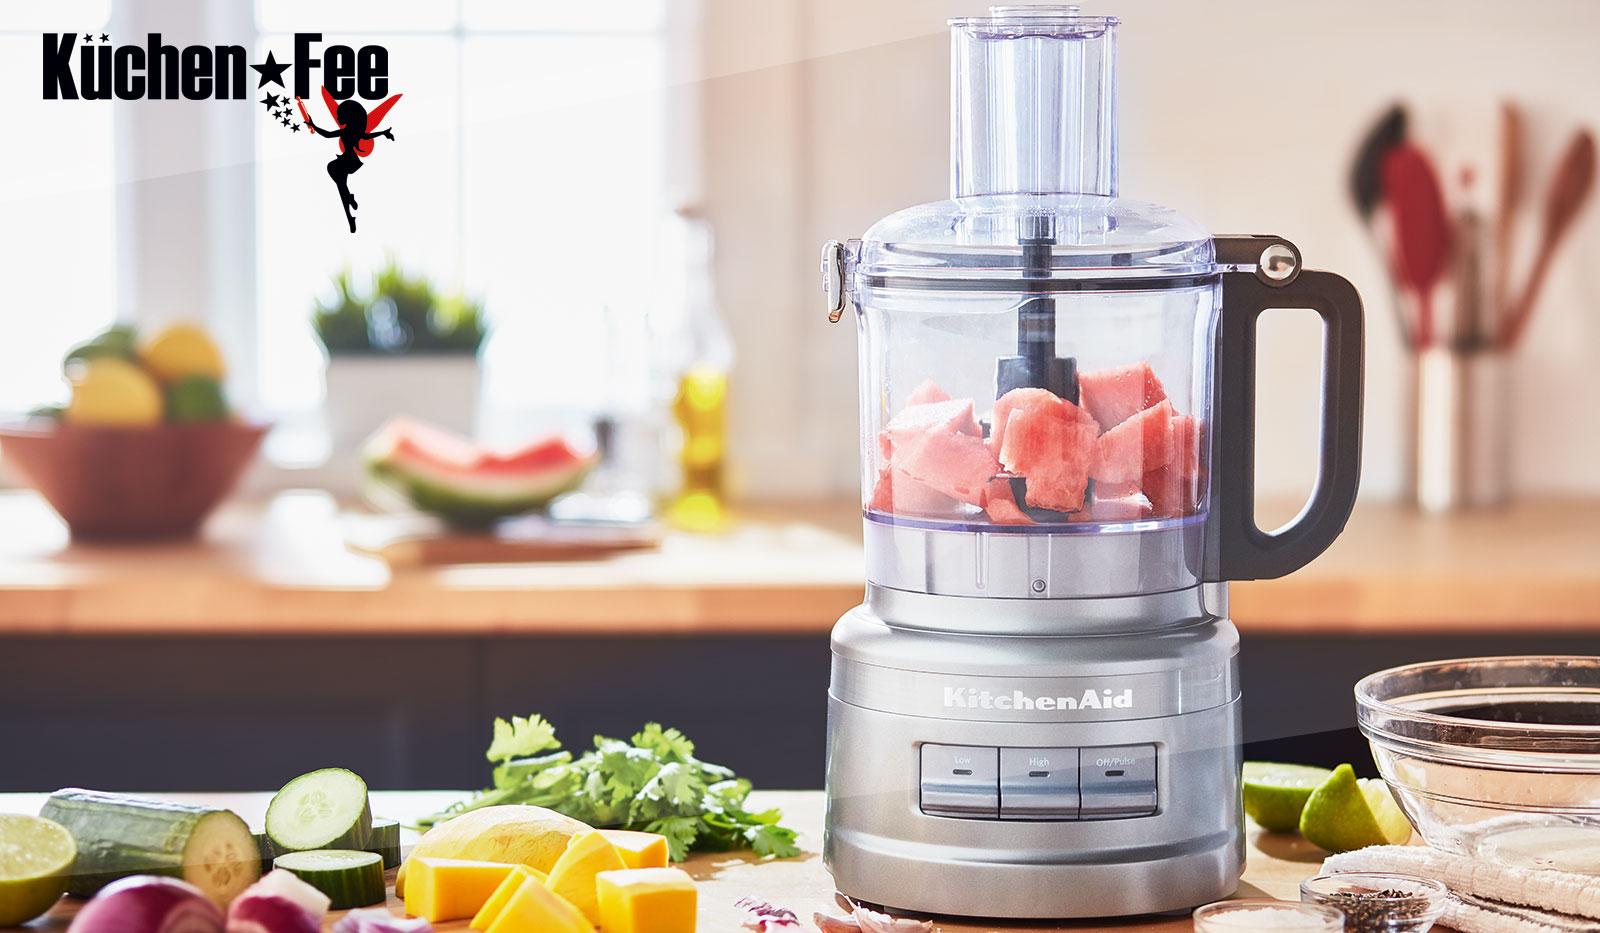 KitchenAid Food Processor auf Arbeitsfläche mit unterschiedlichen Gemüsesorten